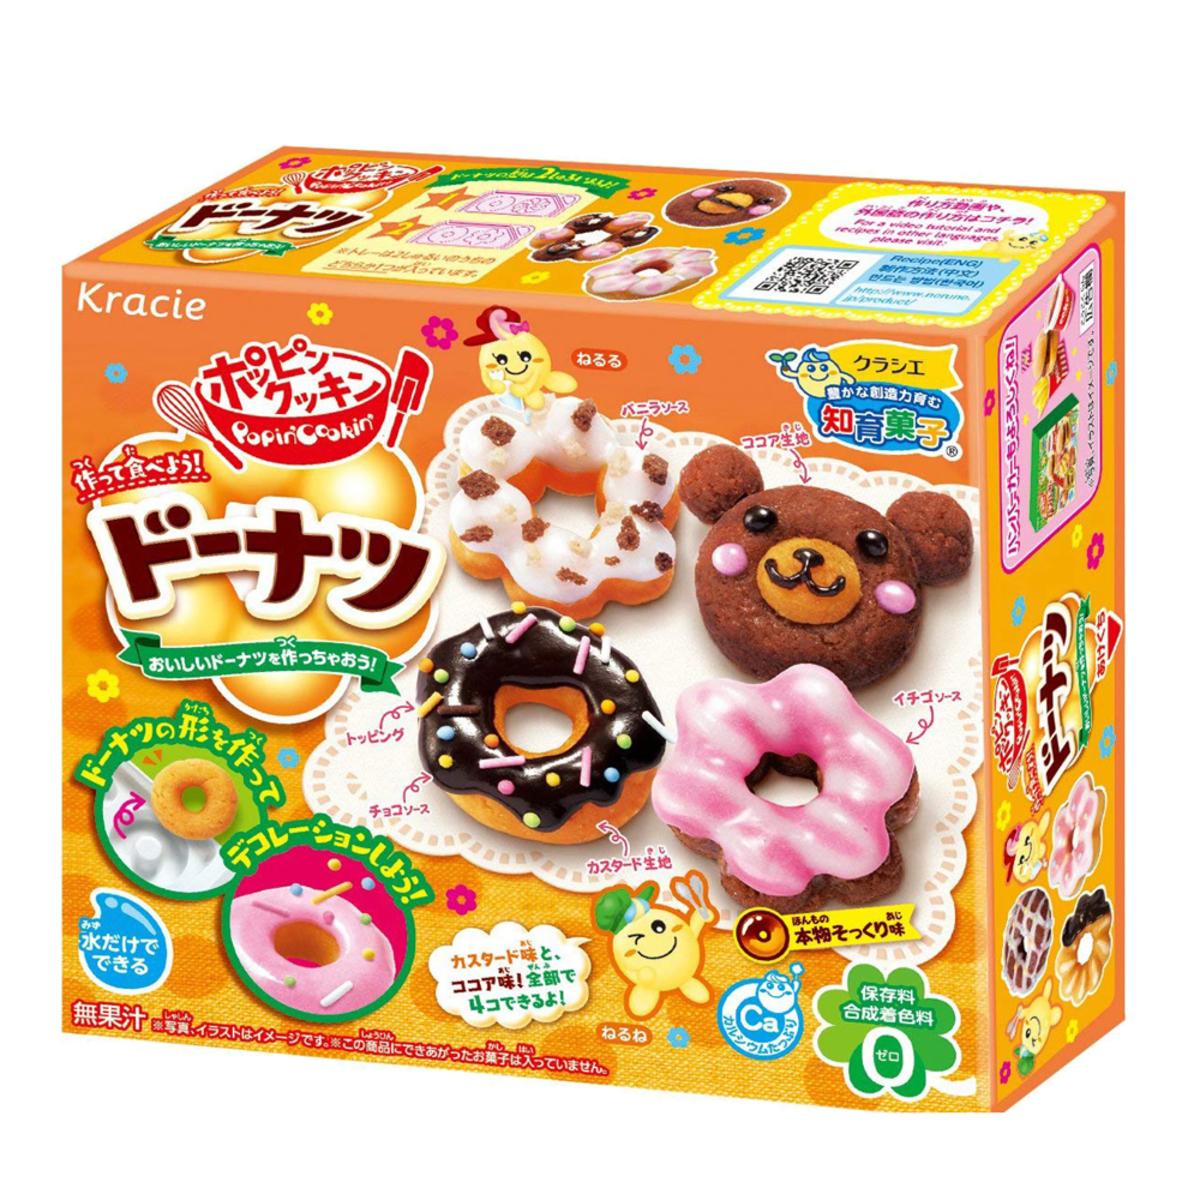 食玩 手工DIY 知育果子 糖果甜甜圈 41g